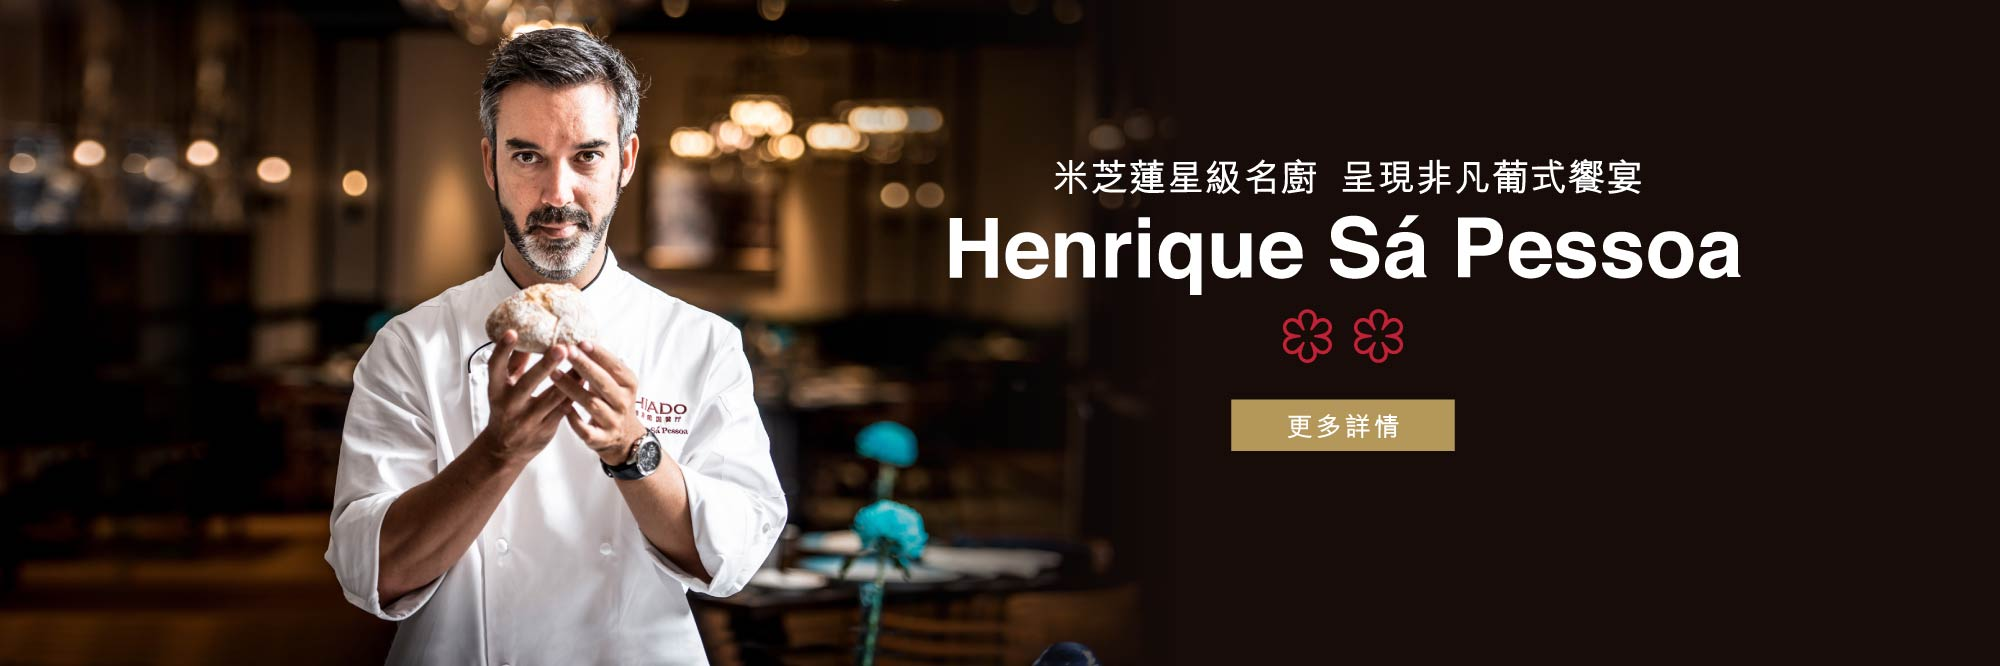 米芝蓮星級名廚HenriqueSáPessoa呈獻非凡葡式饗宴